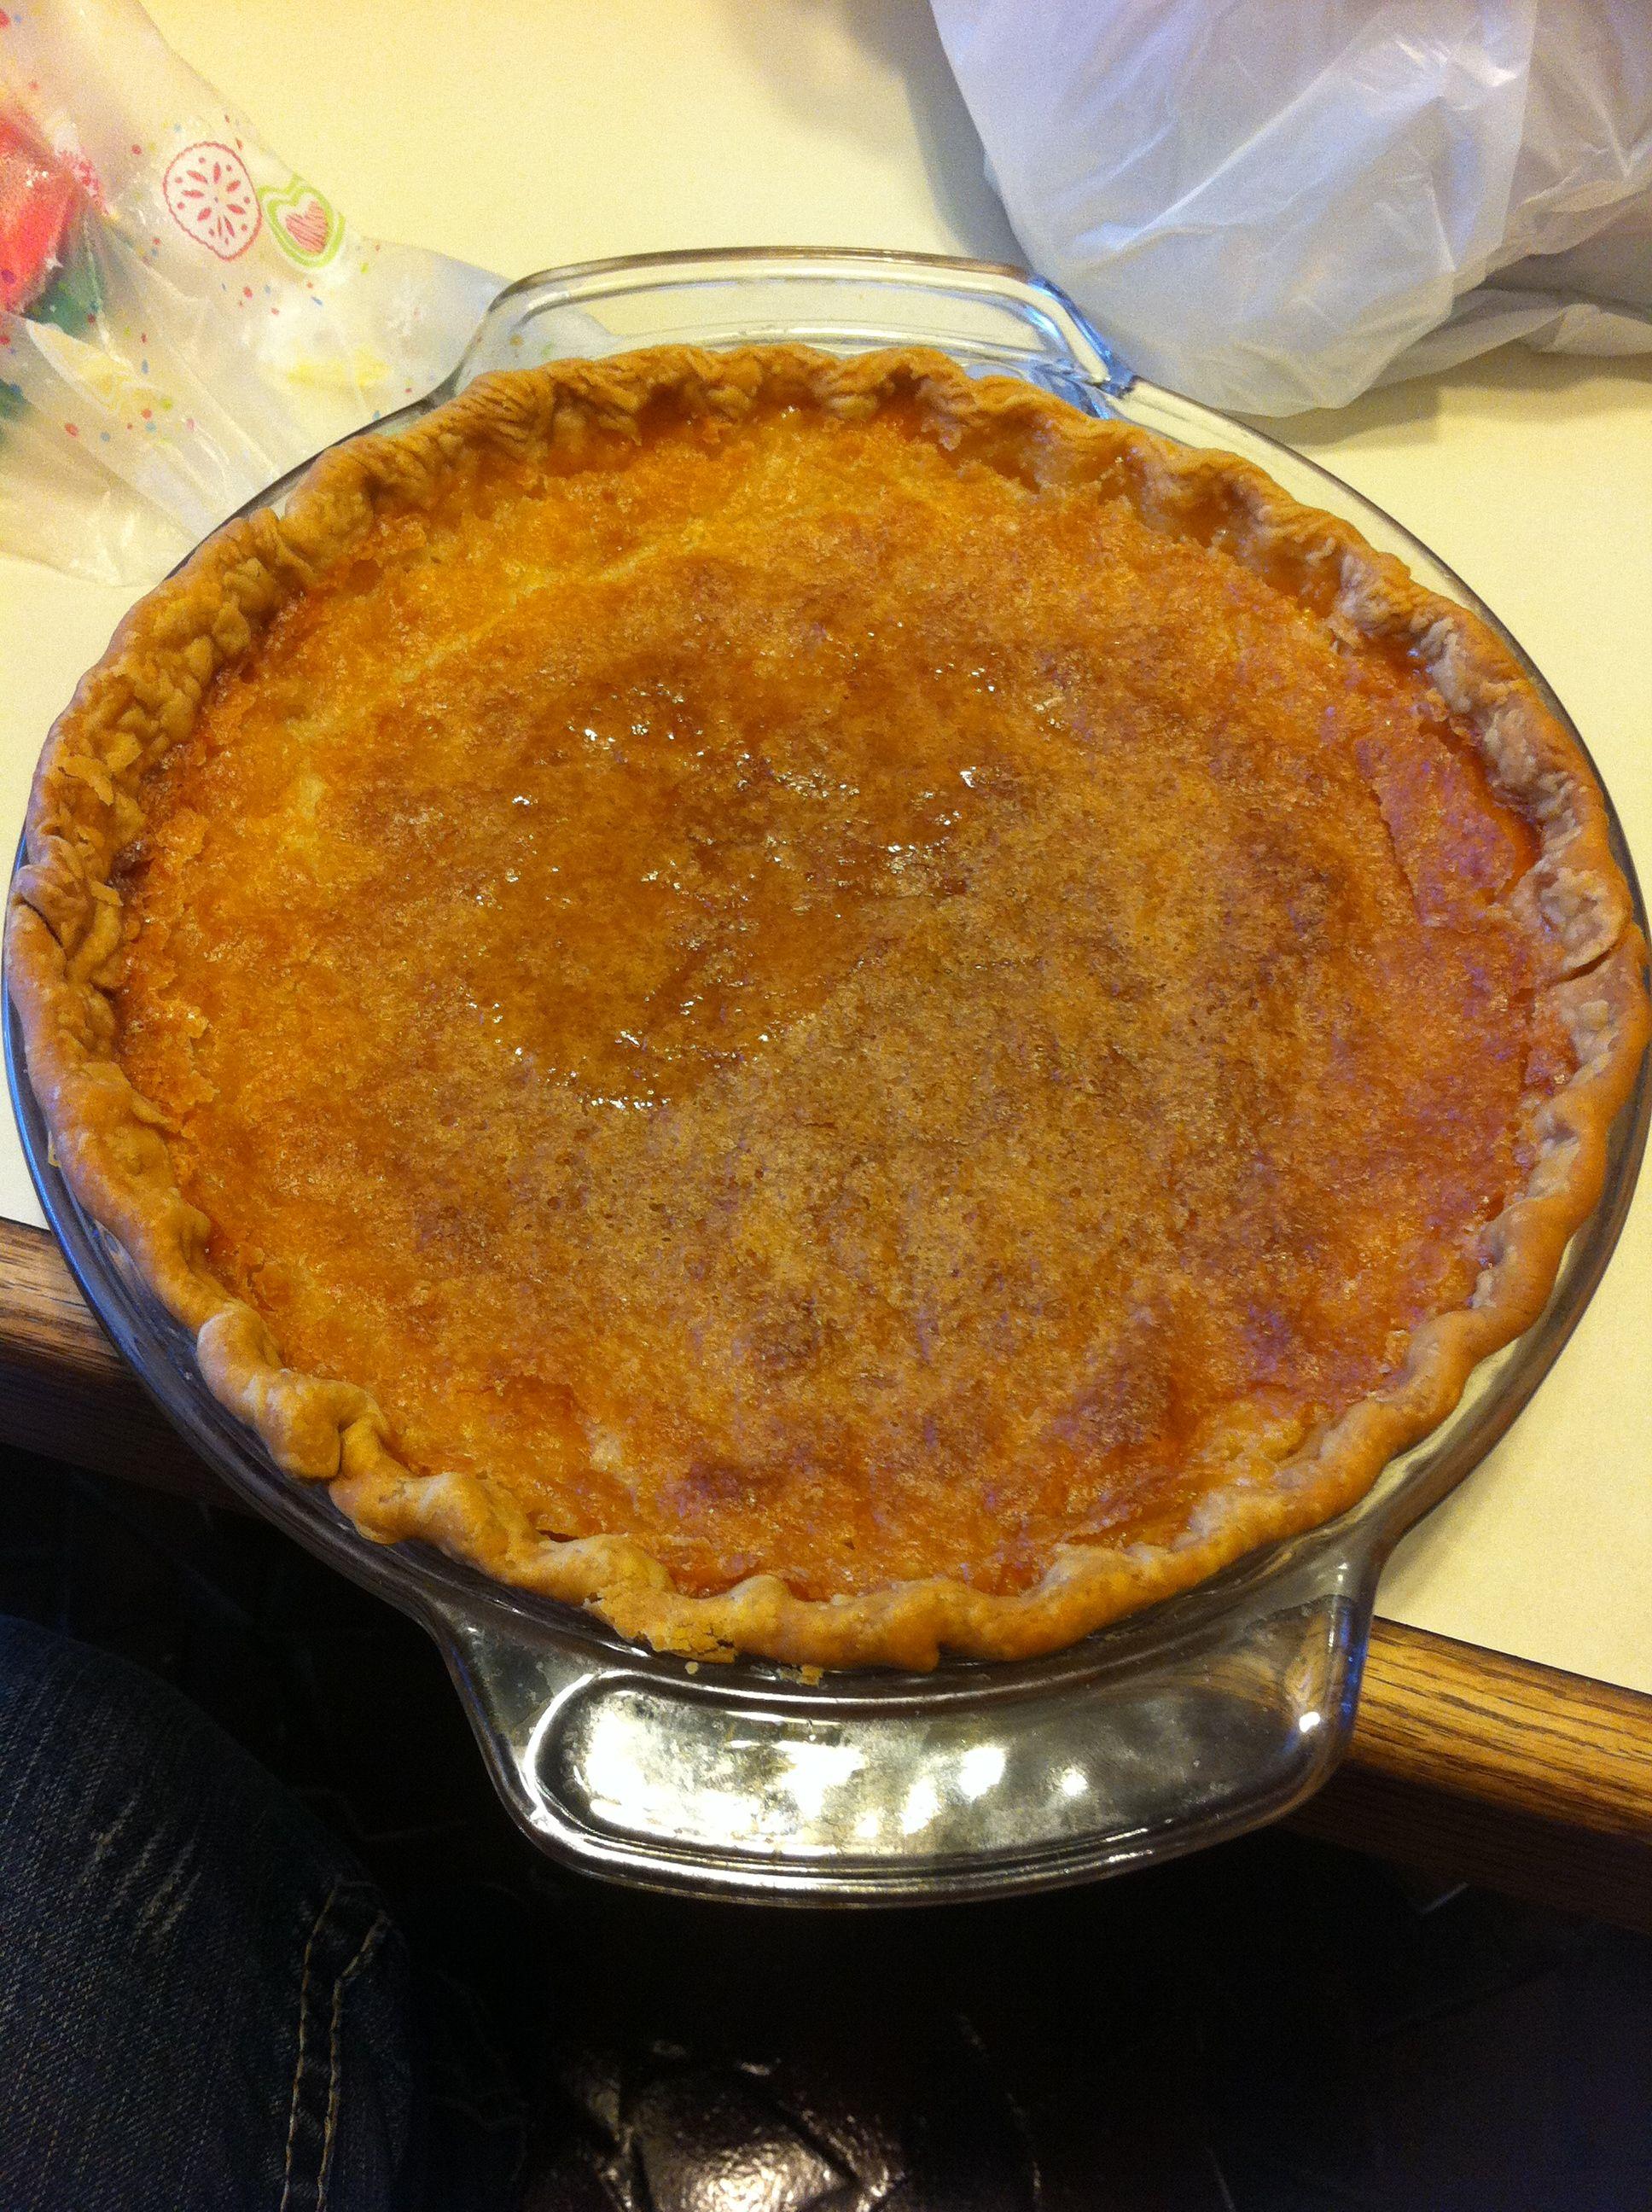 Mawmaw S Buttermilk Pie 2 C Sugar 1 2 C Butter 2 Eggs 2 T Flour 1 T Vanilla 1 C Buttermilk Mix Everything Sweet Treats Recipes Buttermilk Pie Treat Recipe